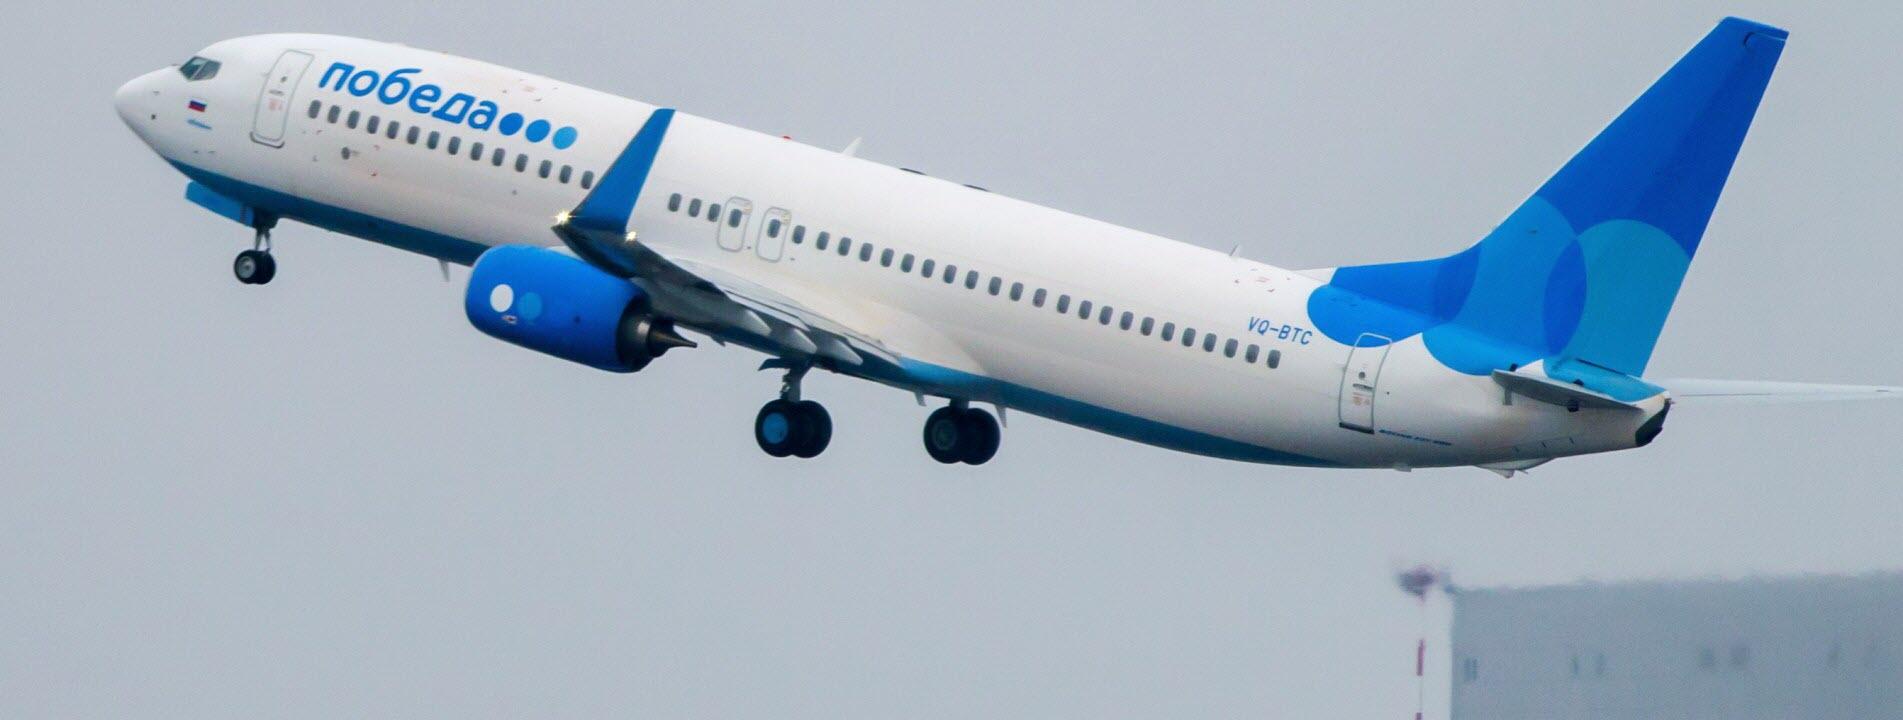 С 1 ноября «Победа» полетит из Красноярска в Екатеринбург